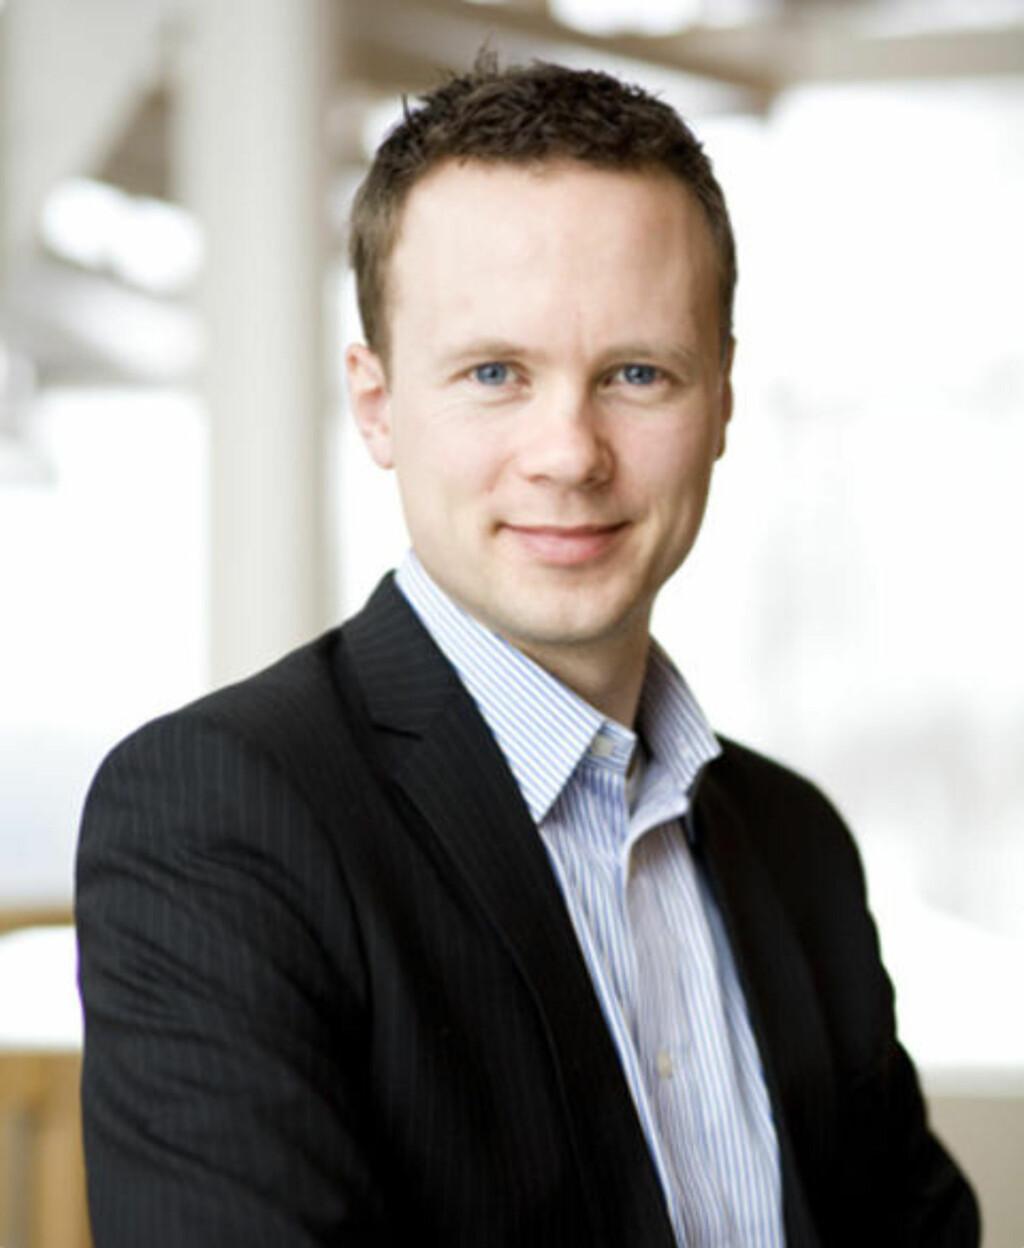 ADECCOS LEDER: Anders Øwre-Johnsen, konserndirektør i Adecco, leder arbeidet for å redde den skandaliserte bemanningsgigantens navn og rykte. Foto: ADECCO